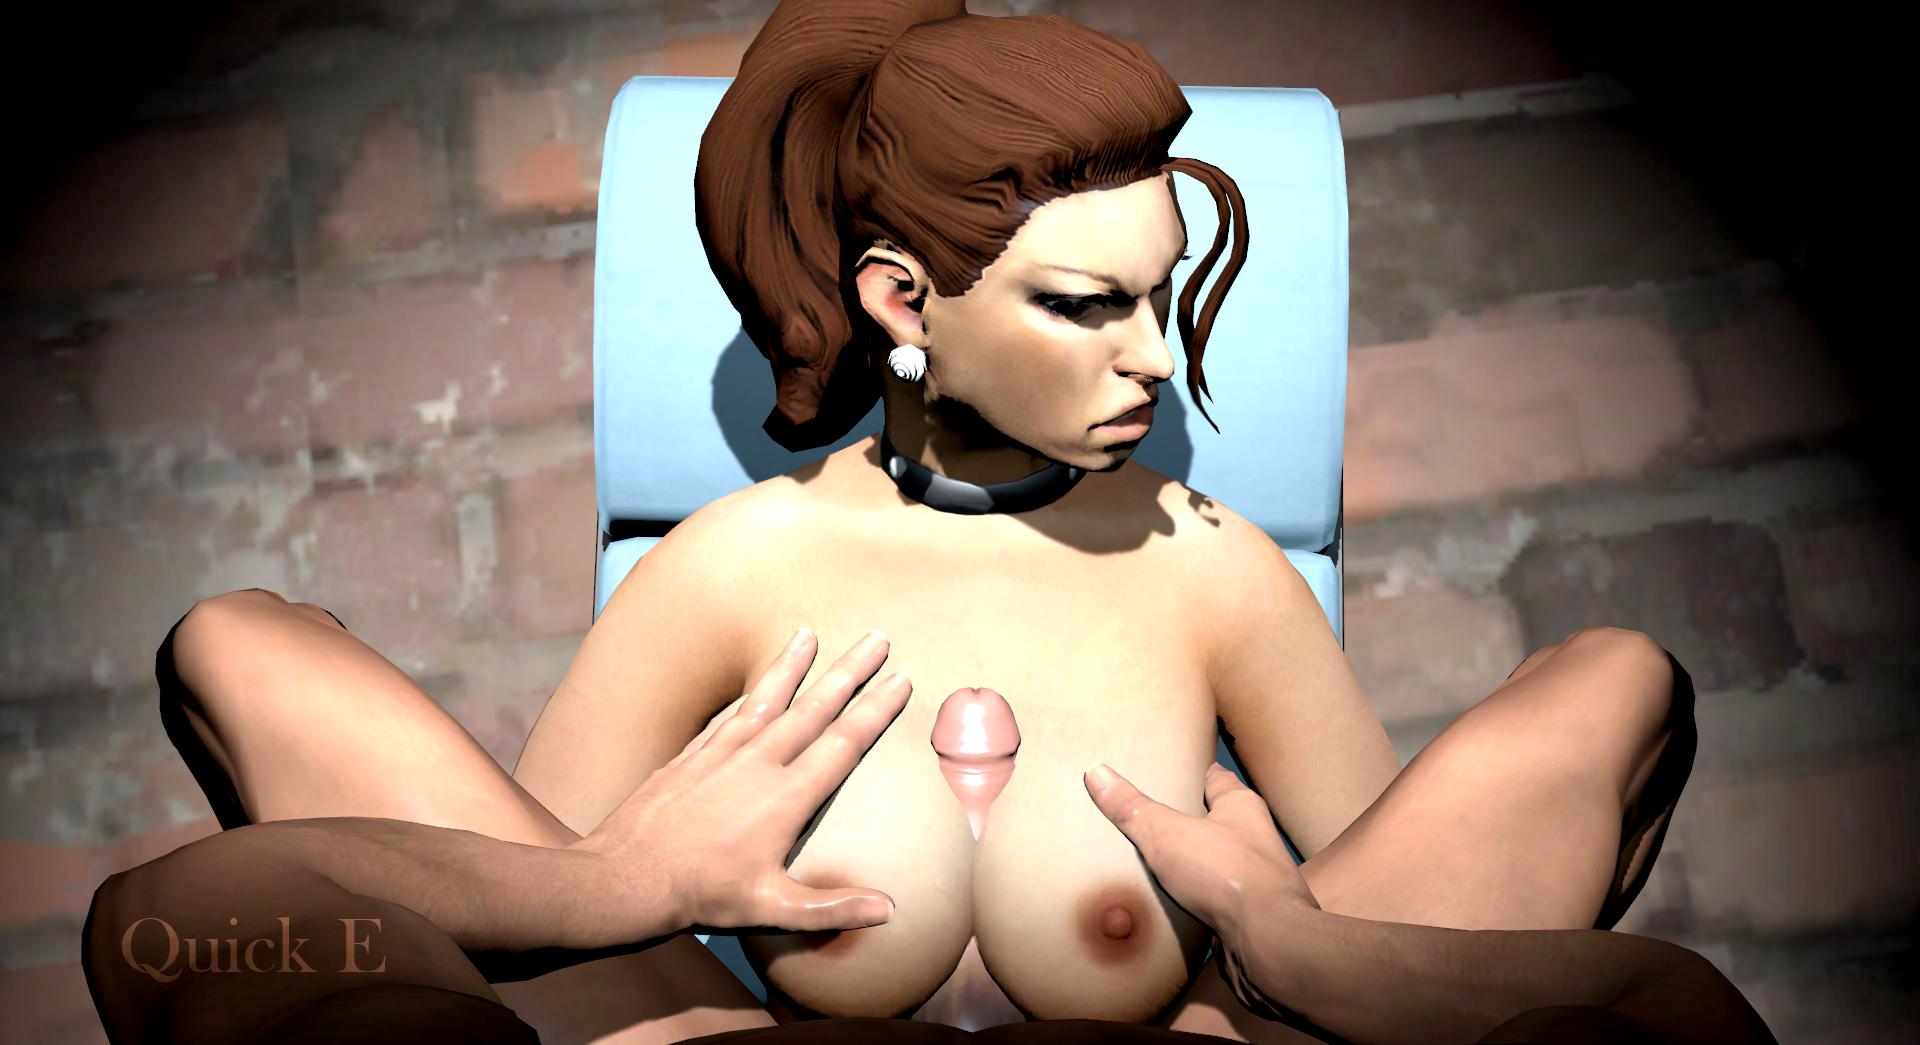 Порно в саинтс роу 3